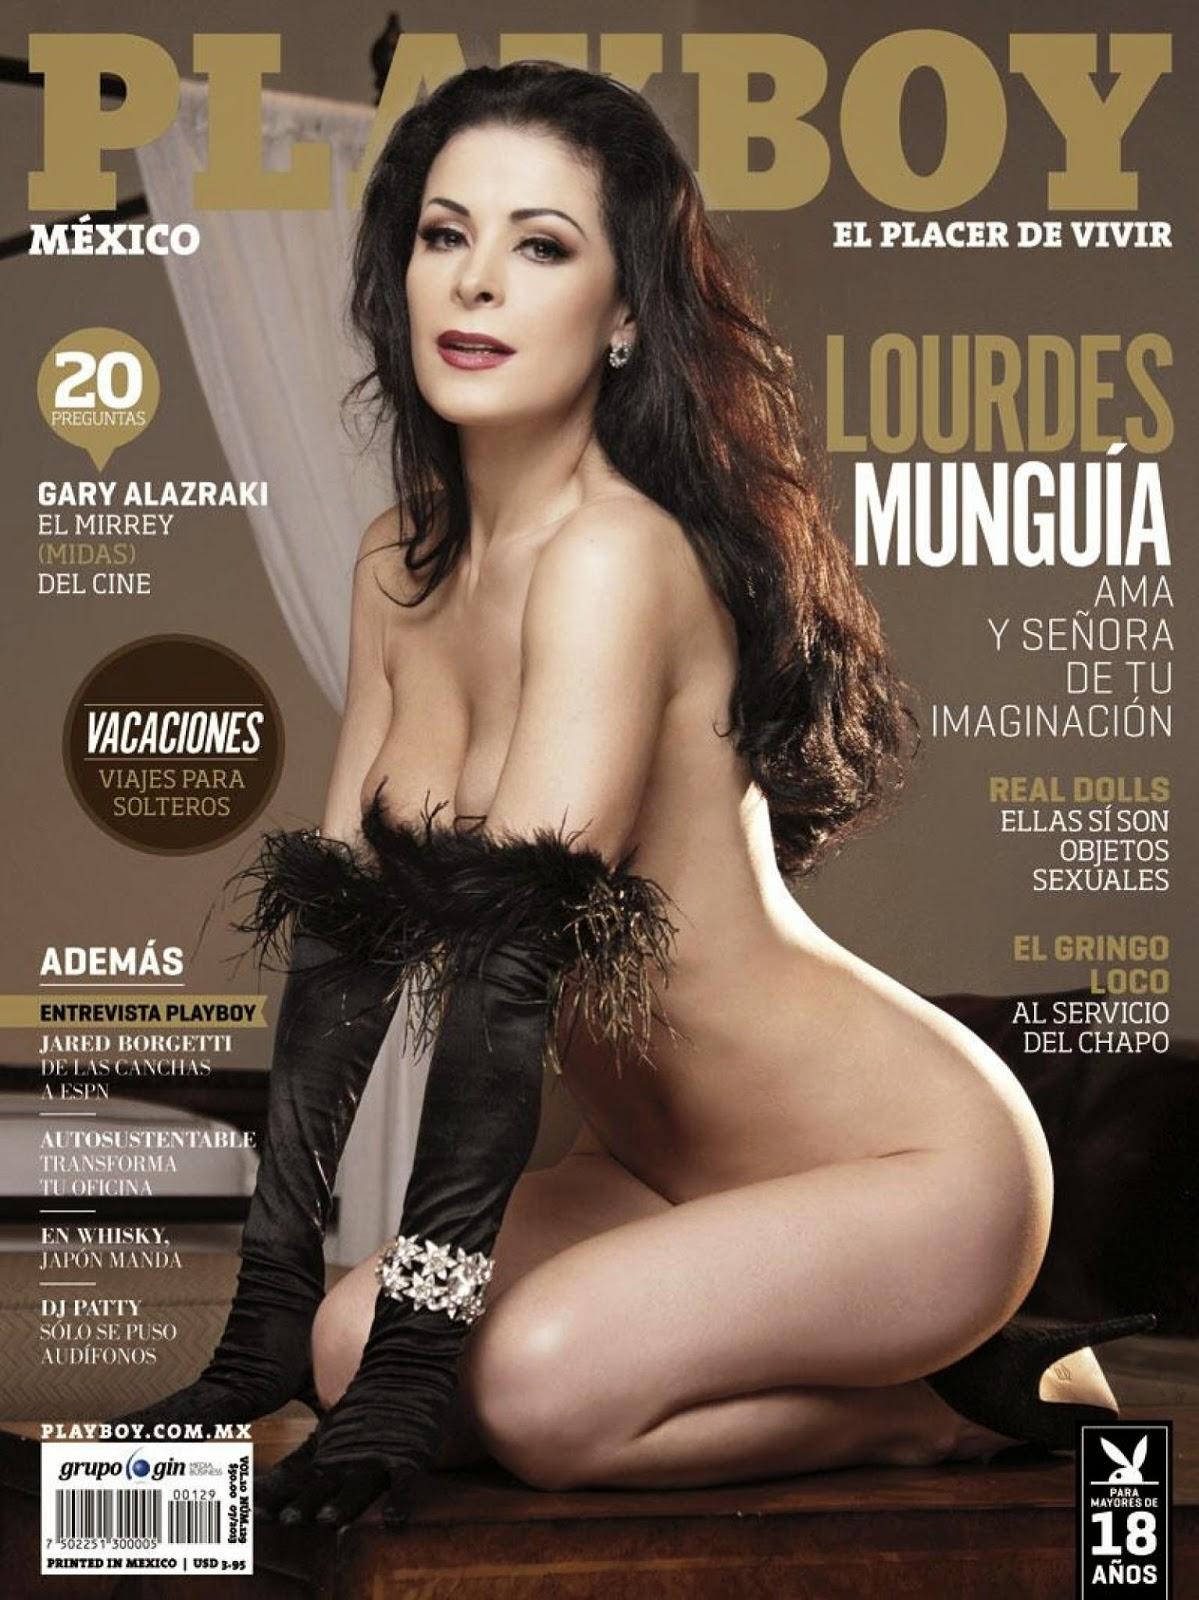 Anette Michel Descuidos mujeres hermosas del mundo entero: mexico v